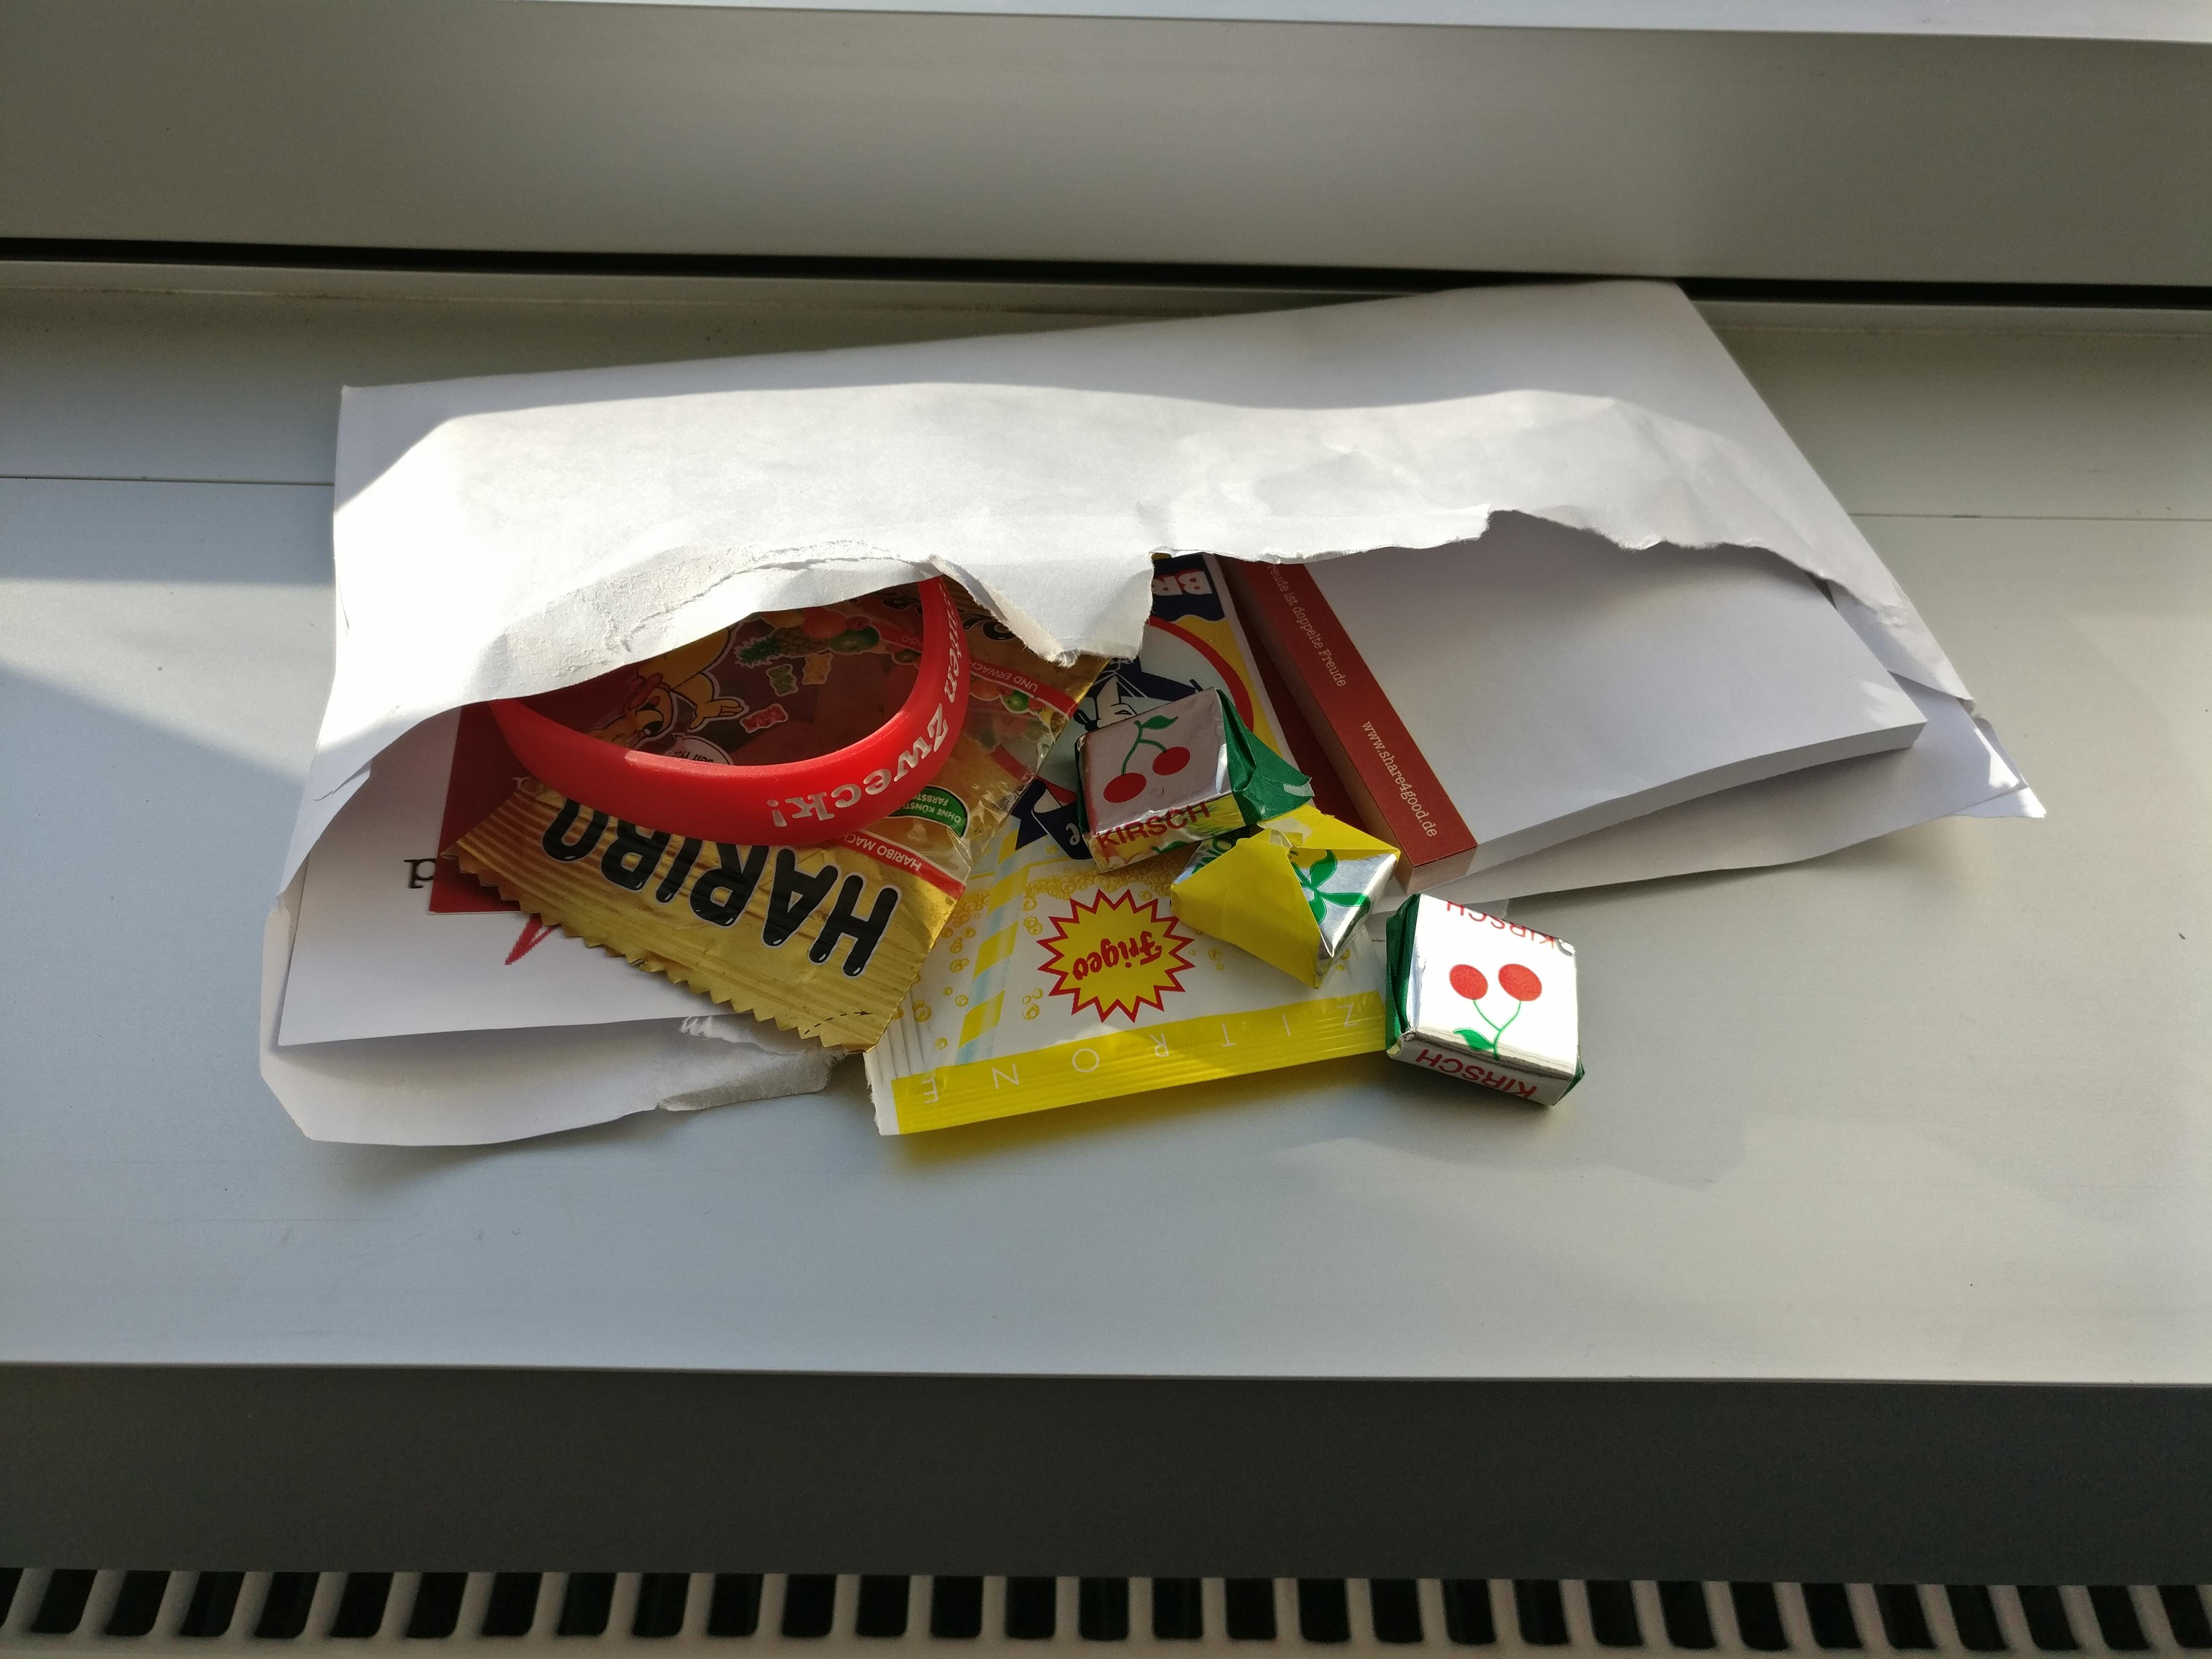 Gratis Süßigkeiten + Post-it auf share4good.de